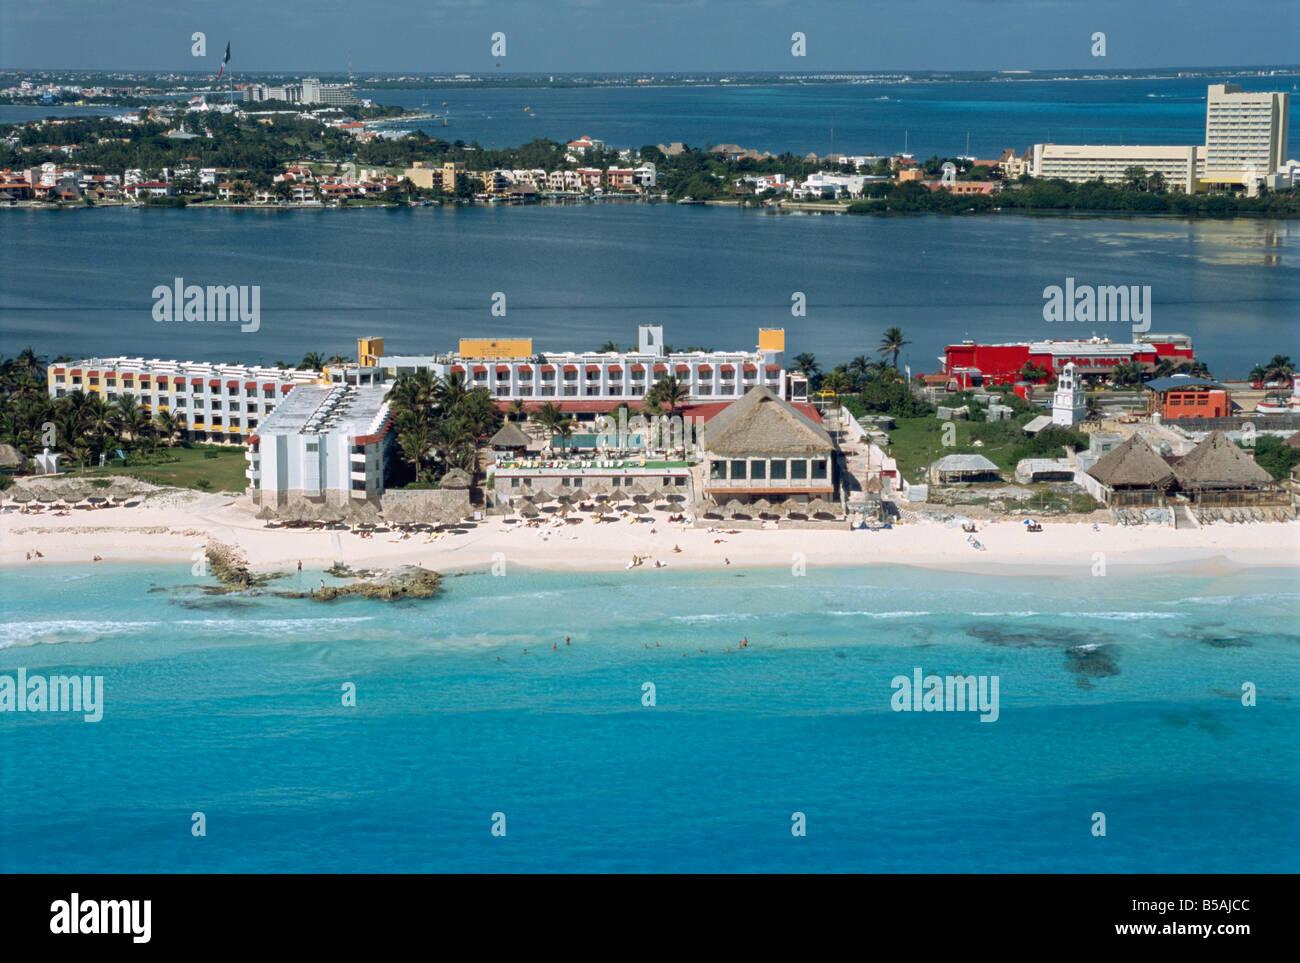 Hotel area Cancun Yucatan Mexico North America - Stock Image